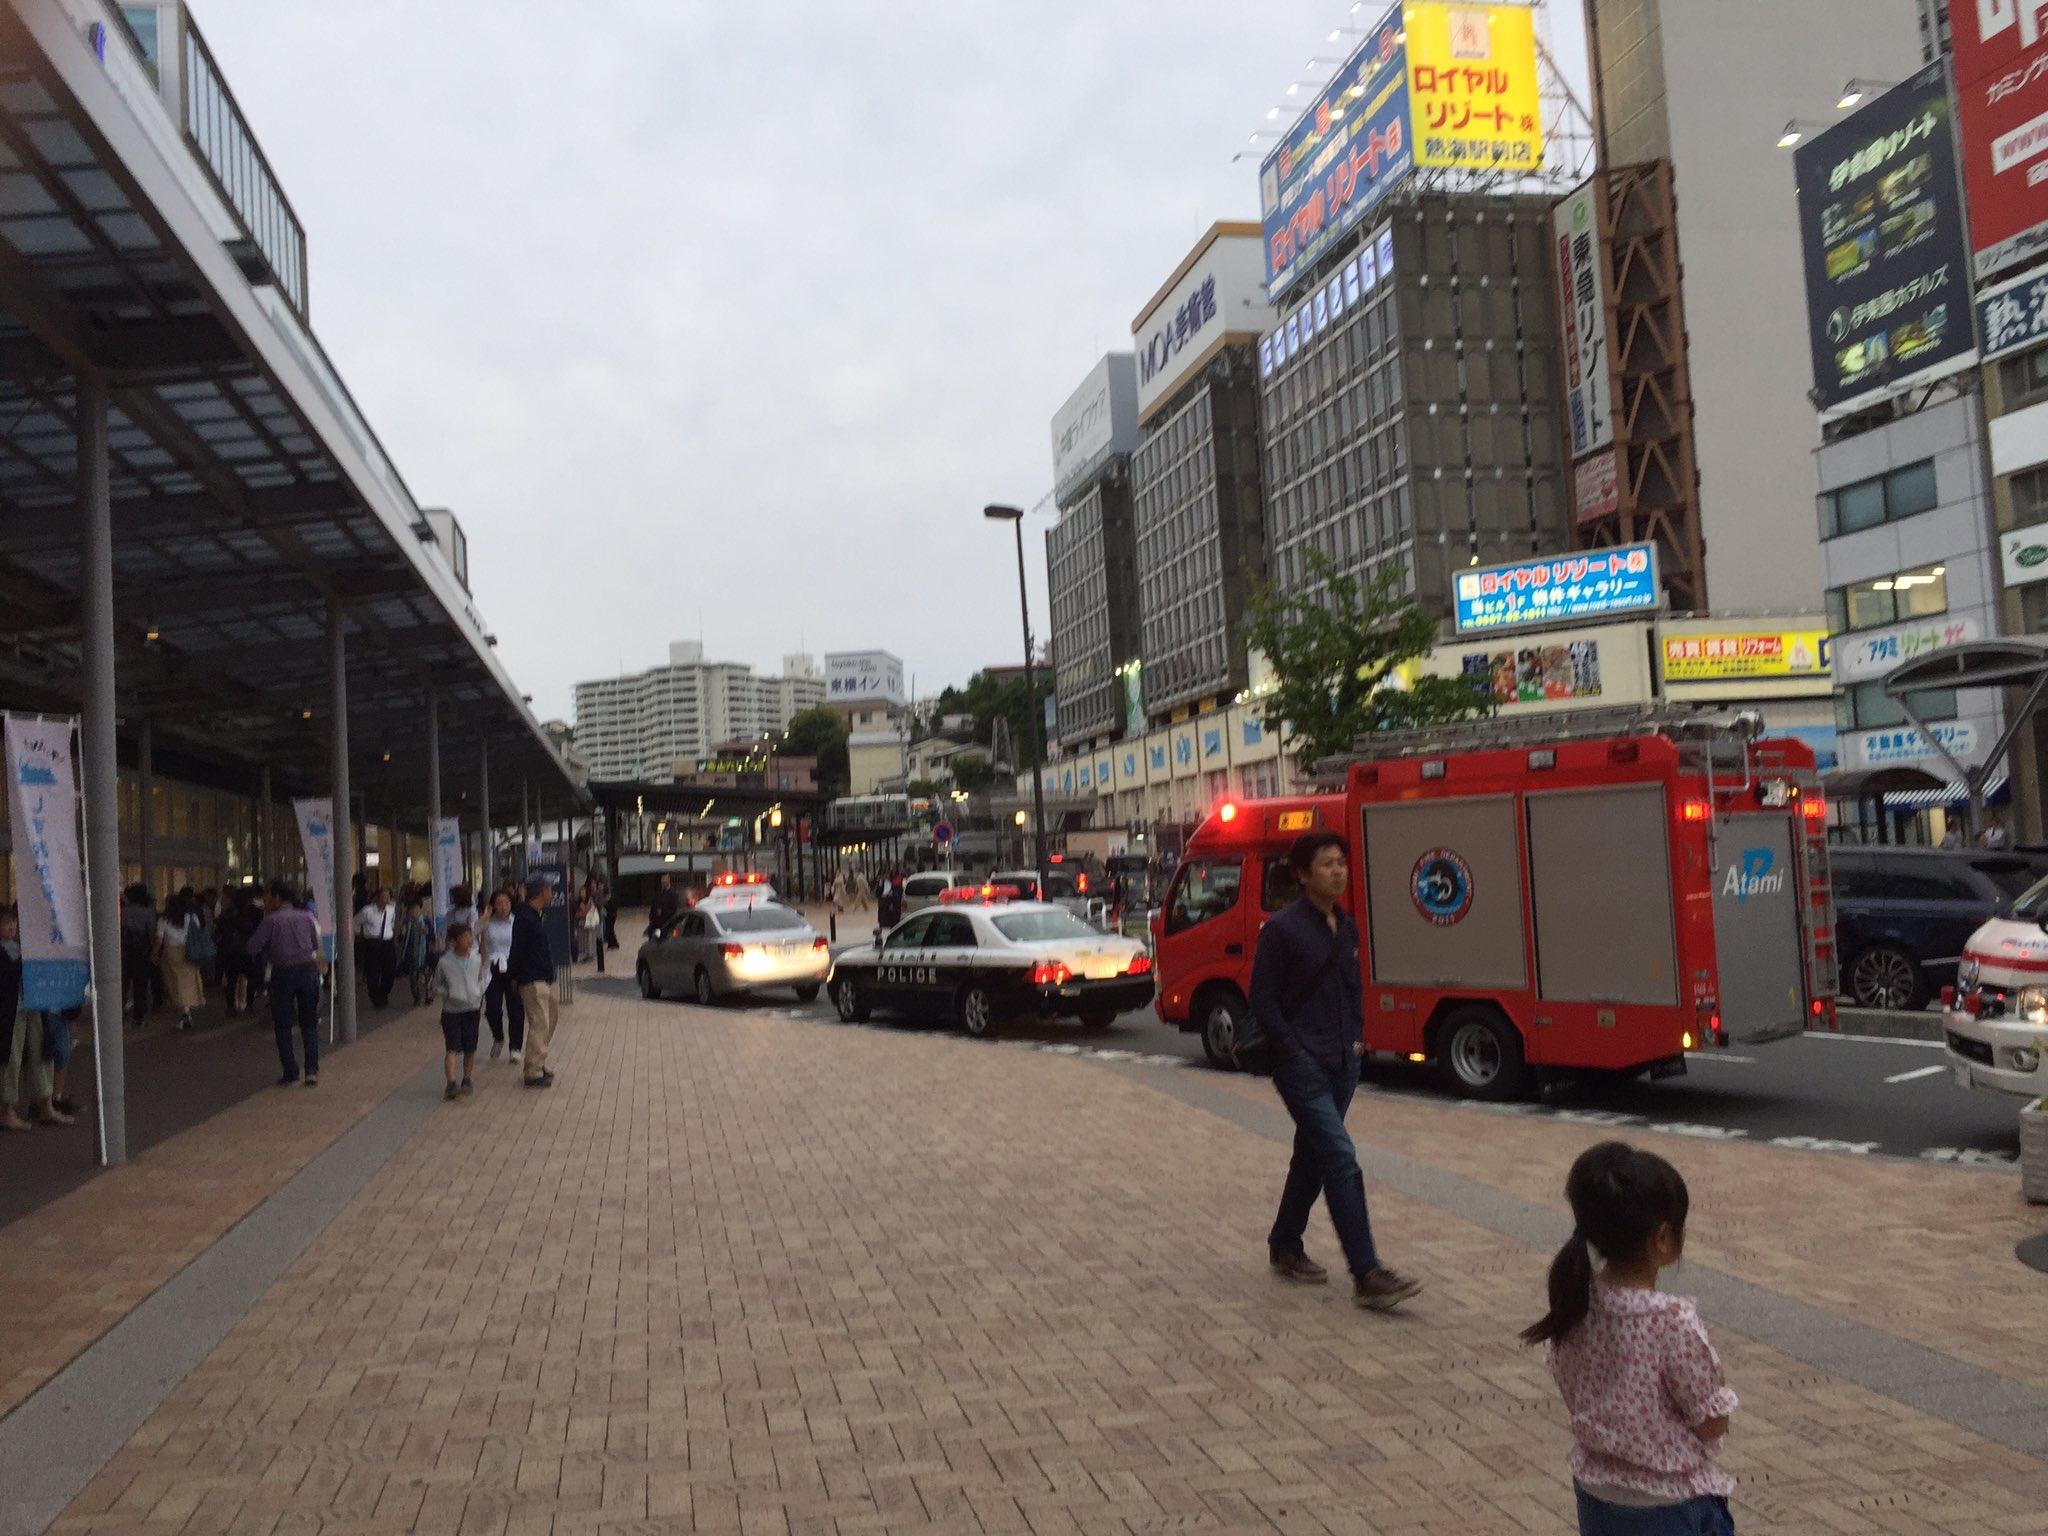 熱海駅で刃物女が暴れた事件現場の画像